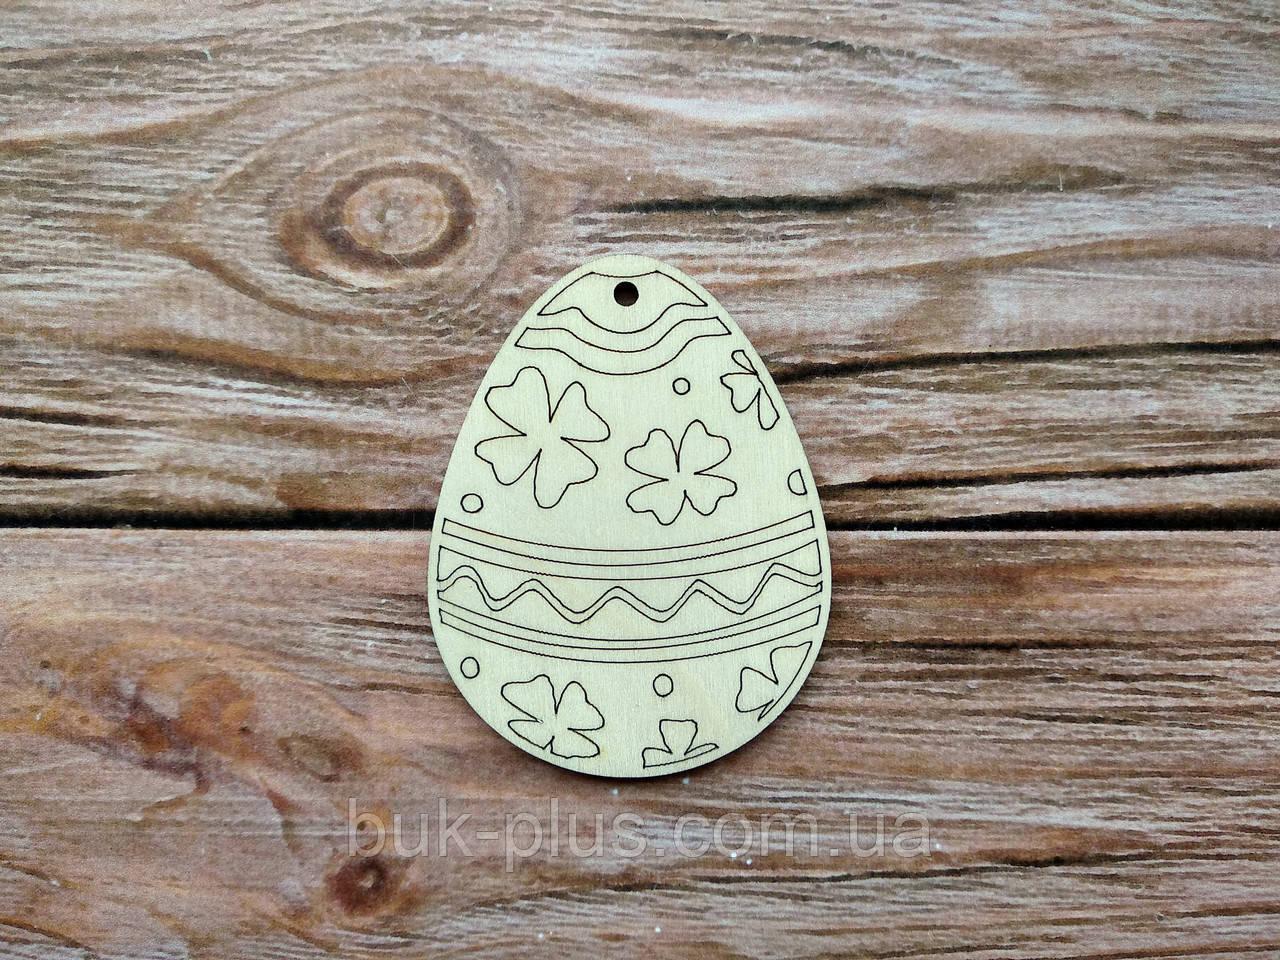 Деревянная заготовка из фанеры. Пасхальное яйцо № 12  (55х70 мм.)